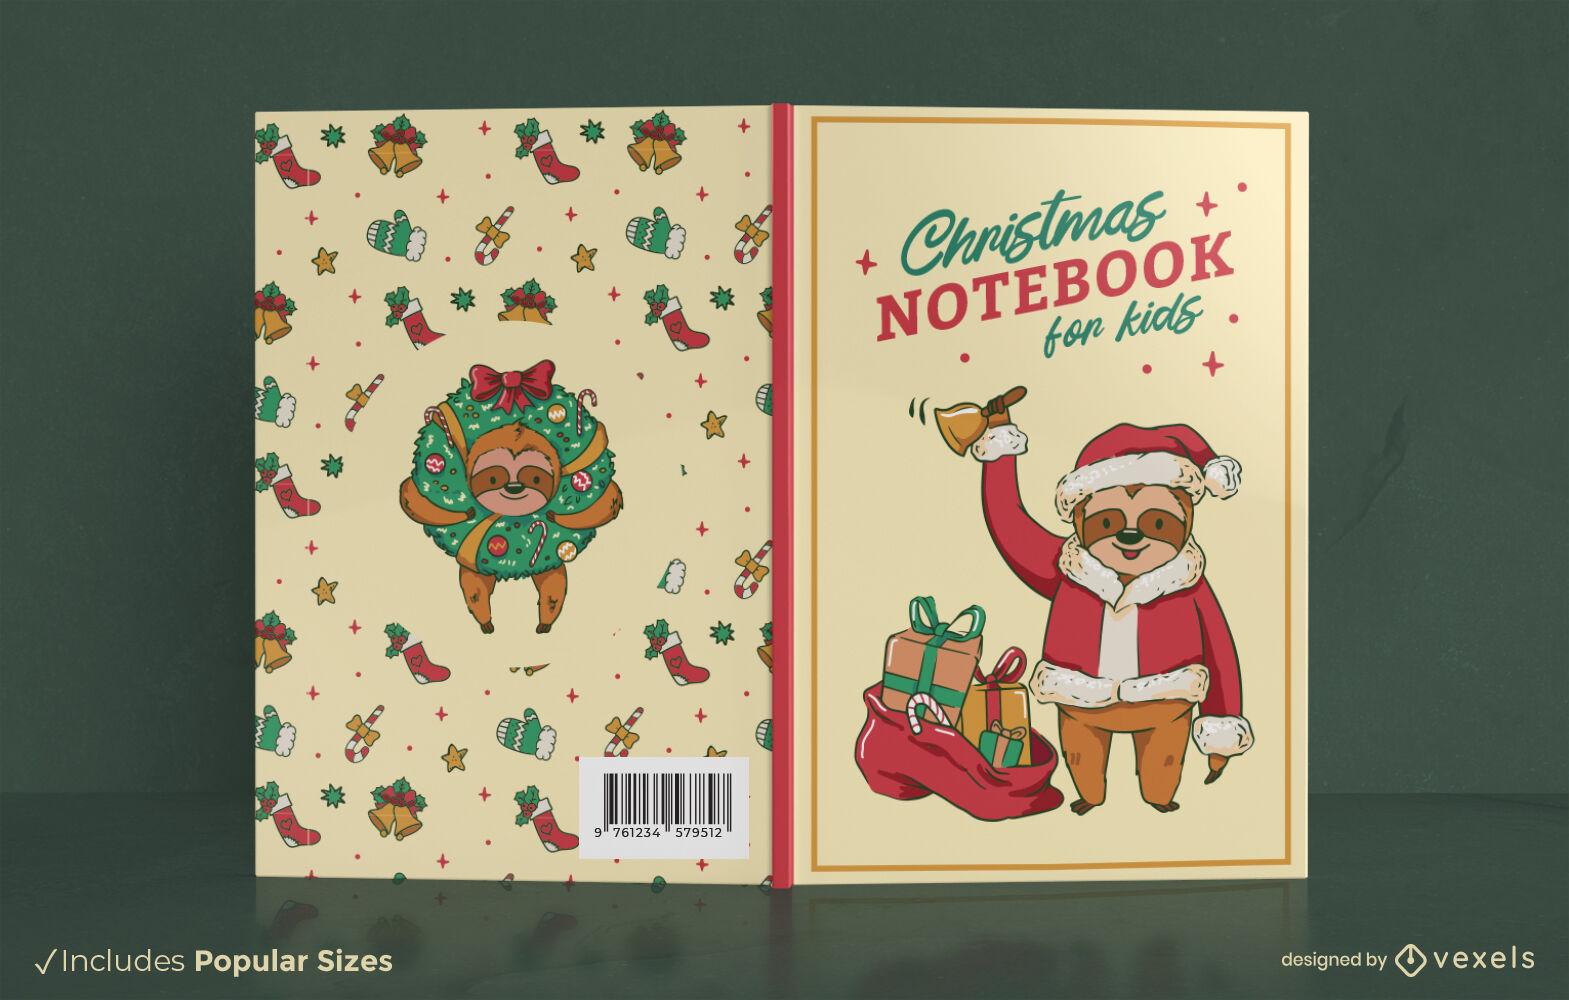 Lindo design de capa de livro de preguiça de Natal